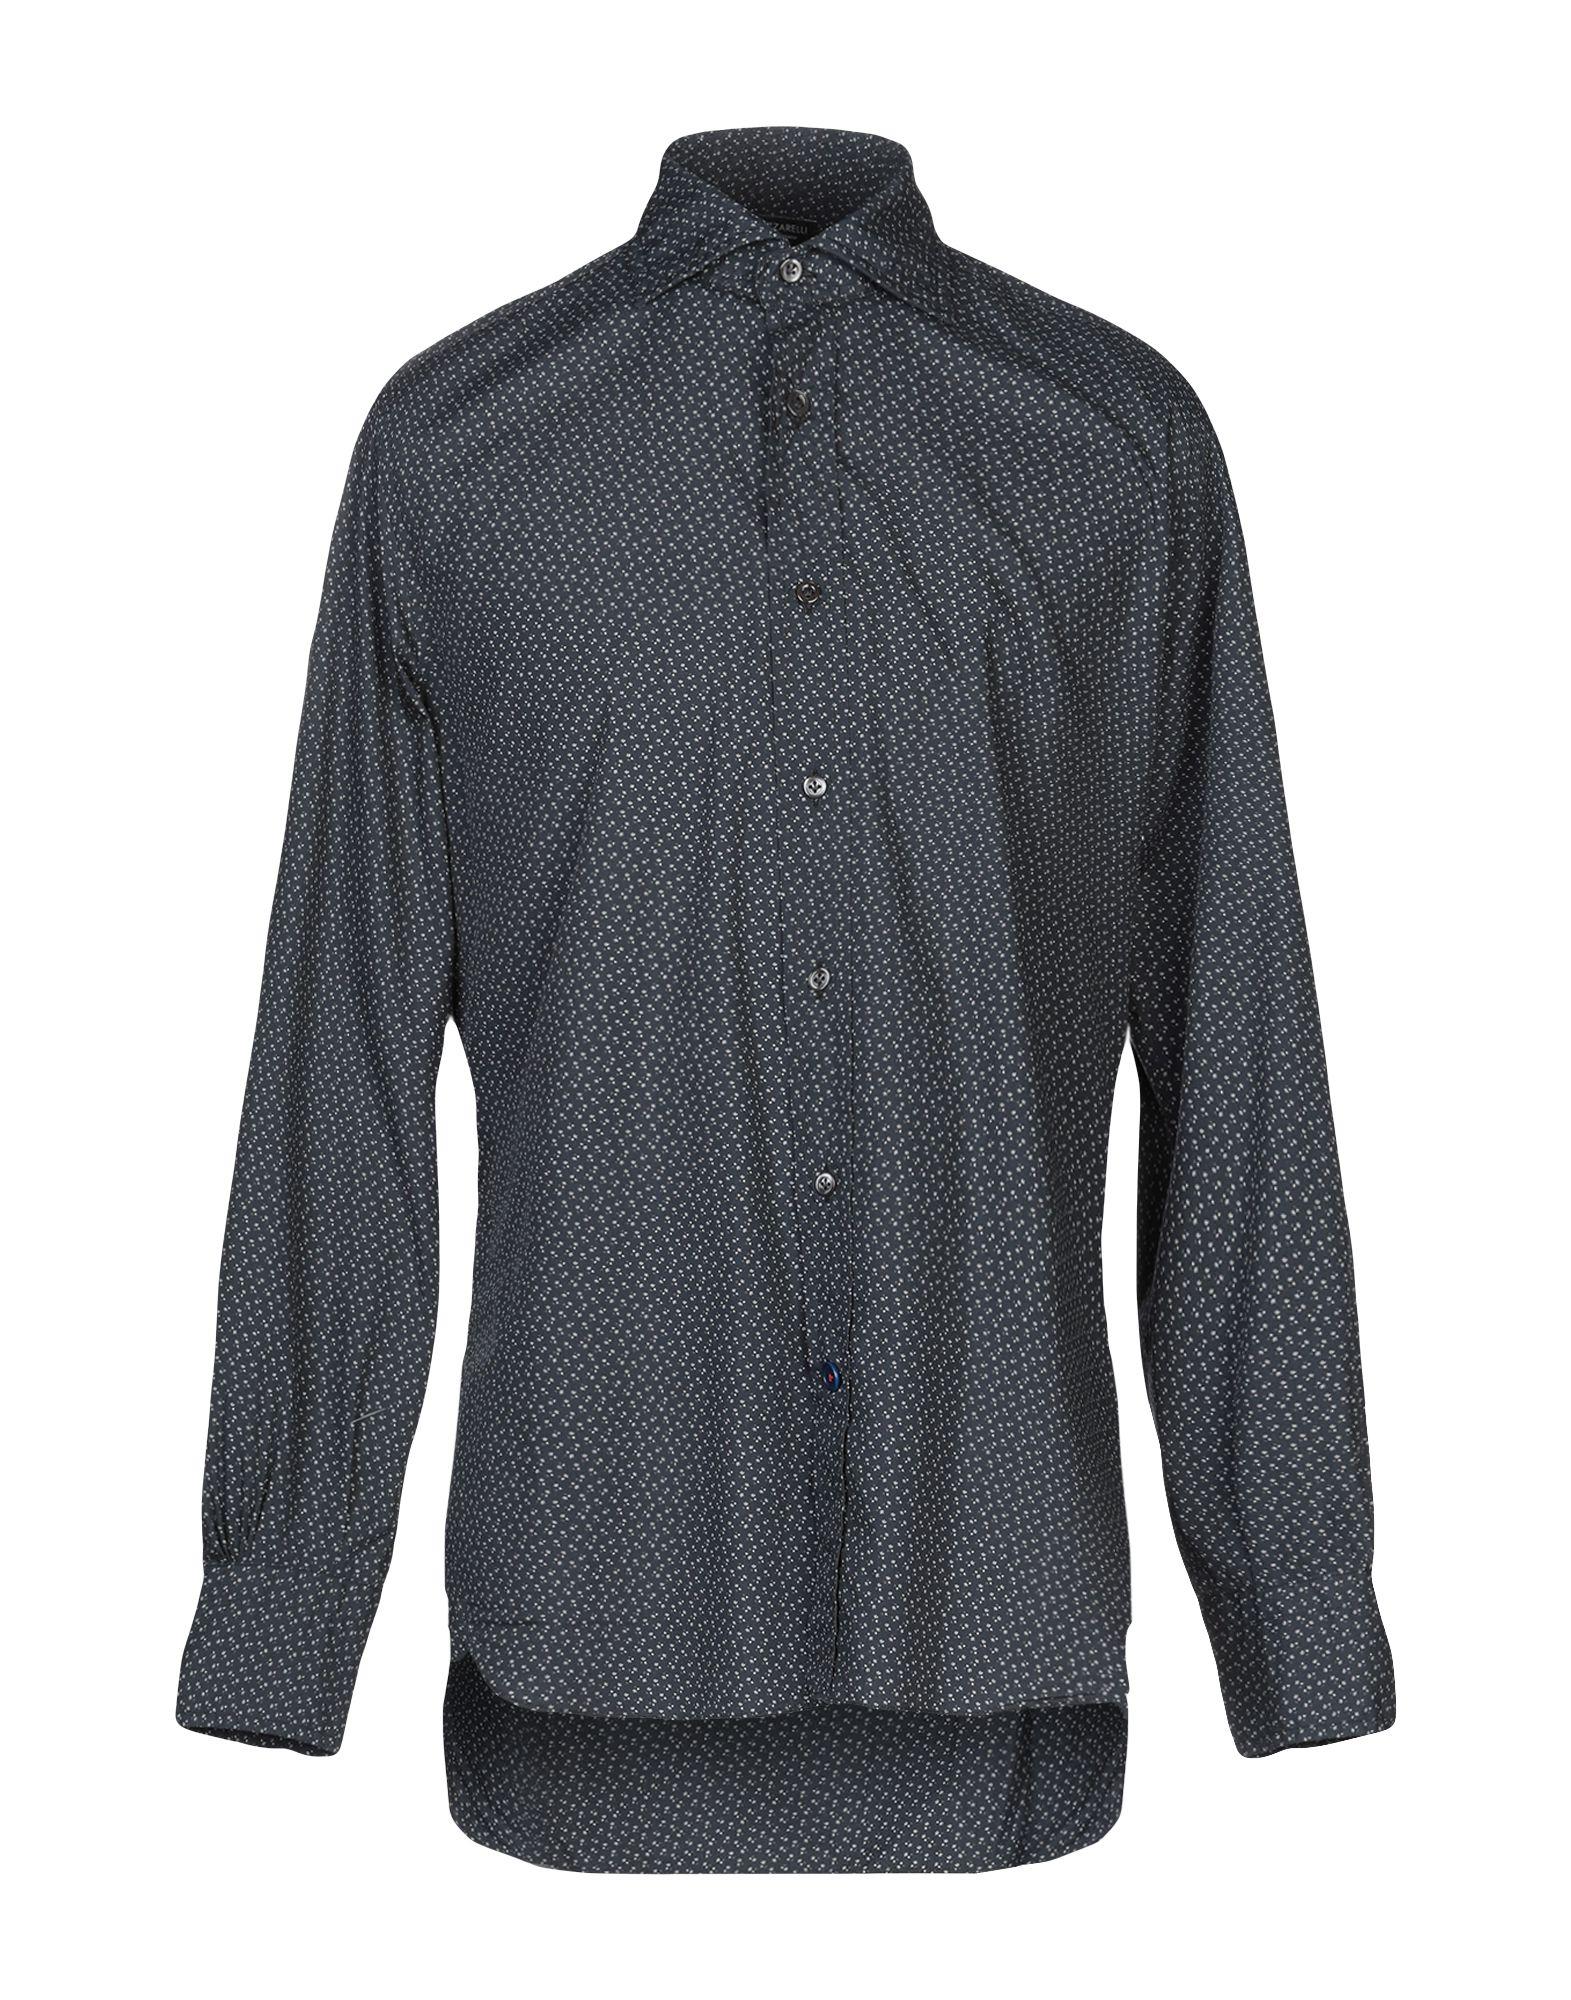 《送料無料》MAZZARELLI メンズ シャツ スチールグレー 42 コットン 100%